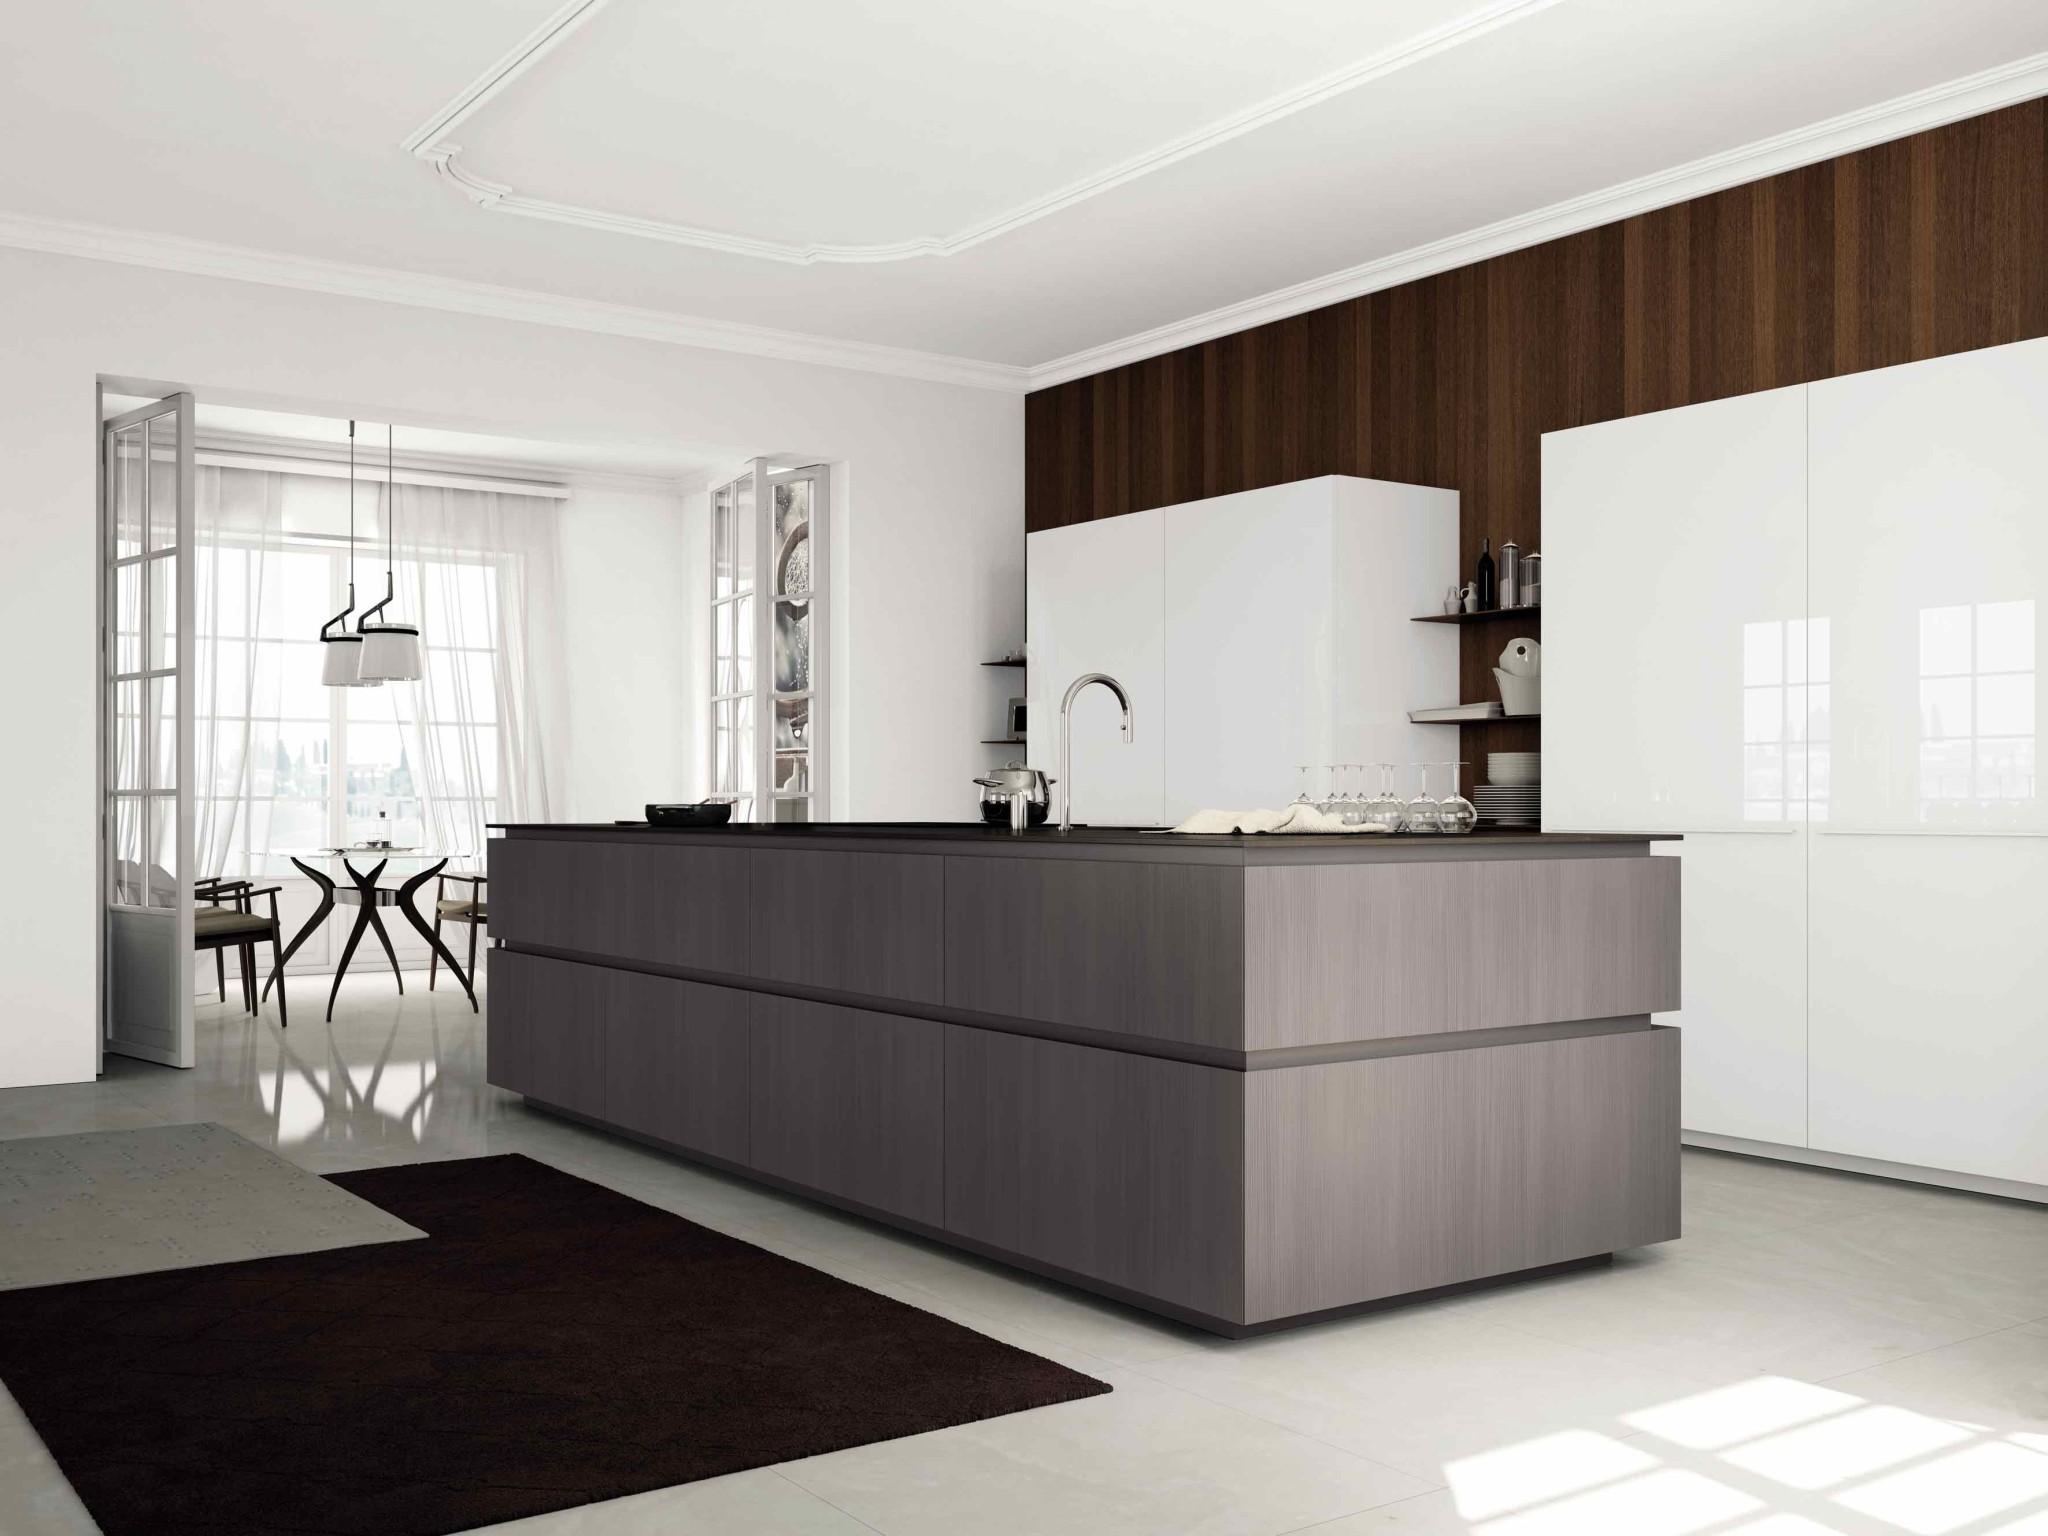 kitchen marconato e zappa. Black Bedroom Furniture Sets. Home Design Ideas